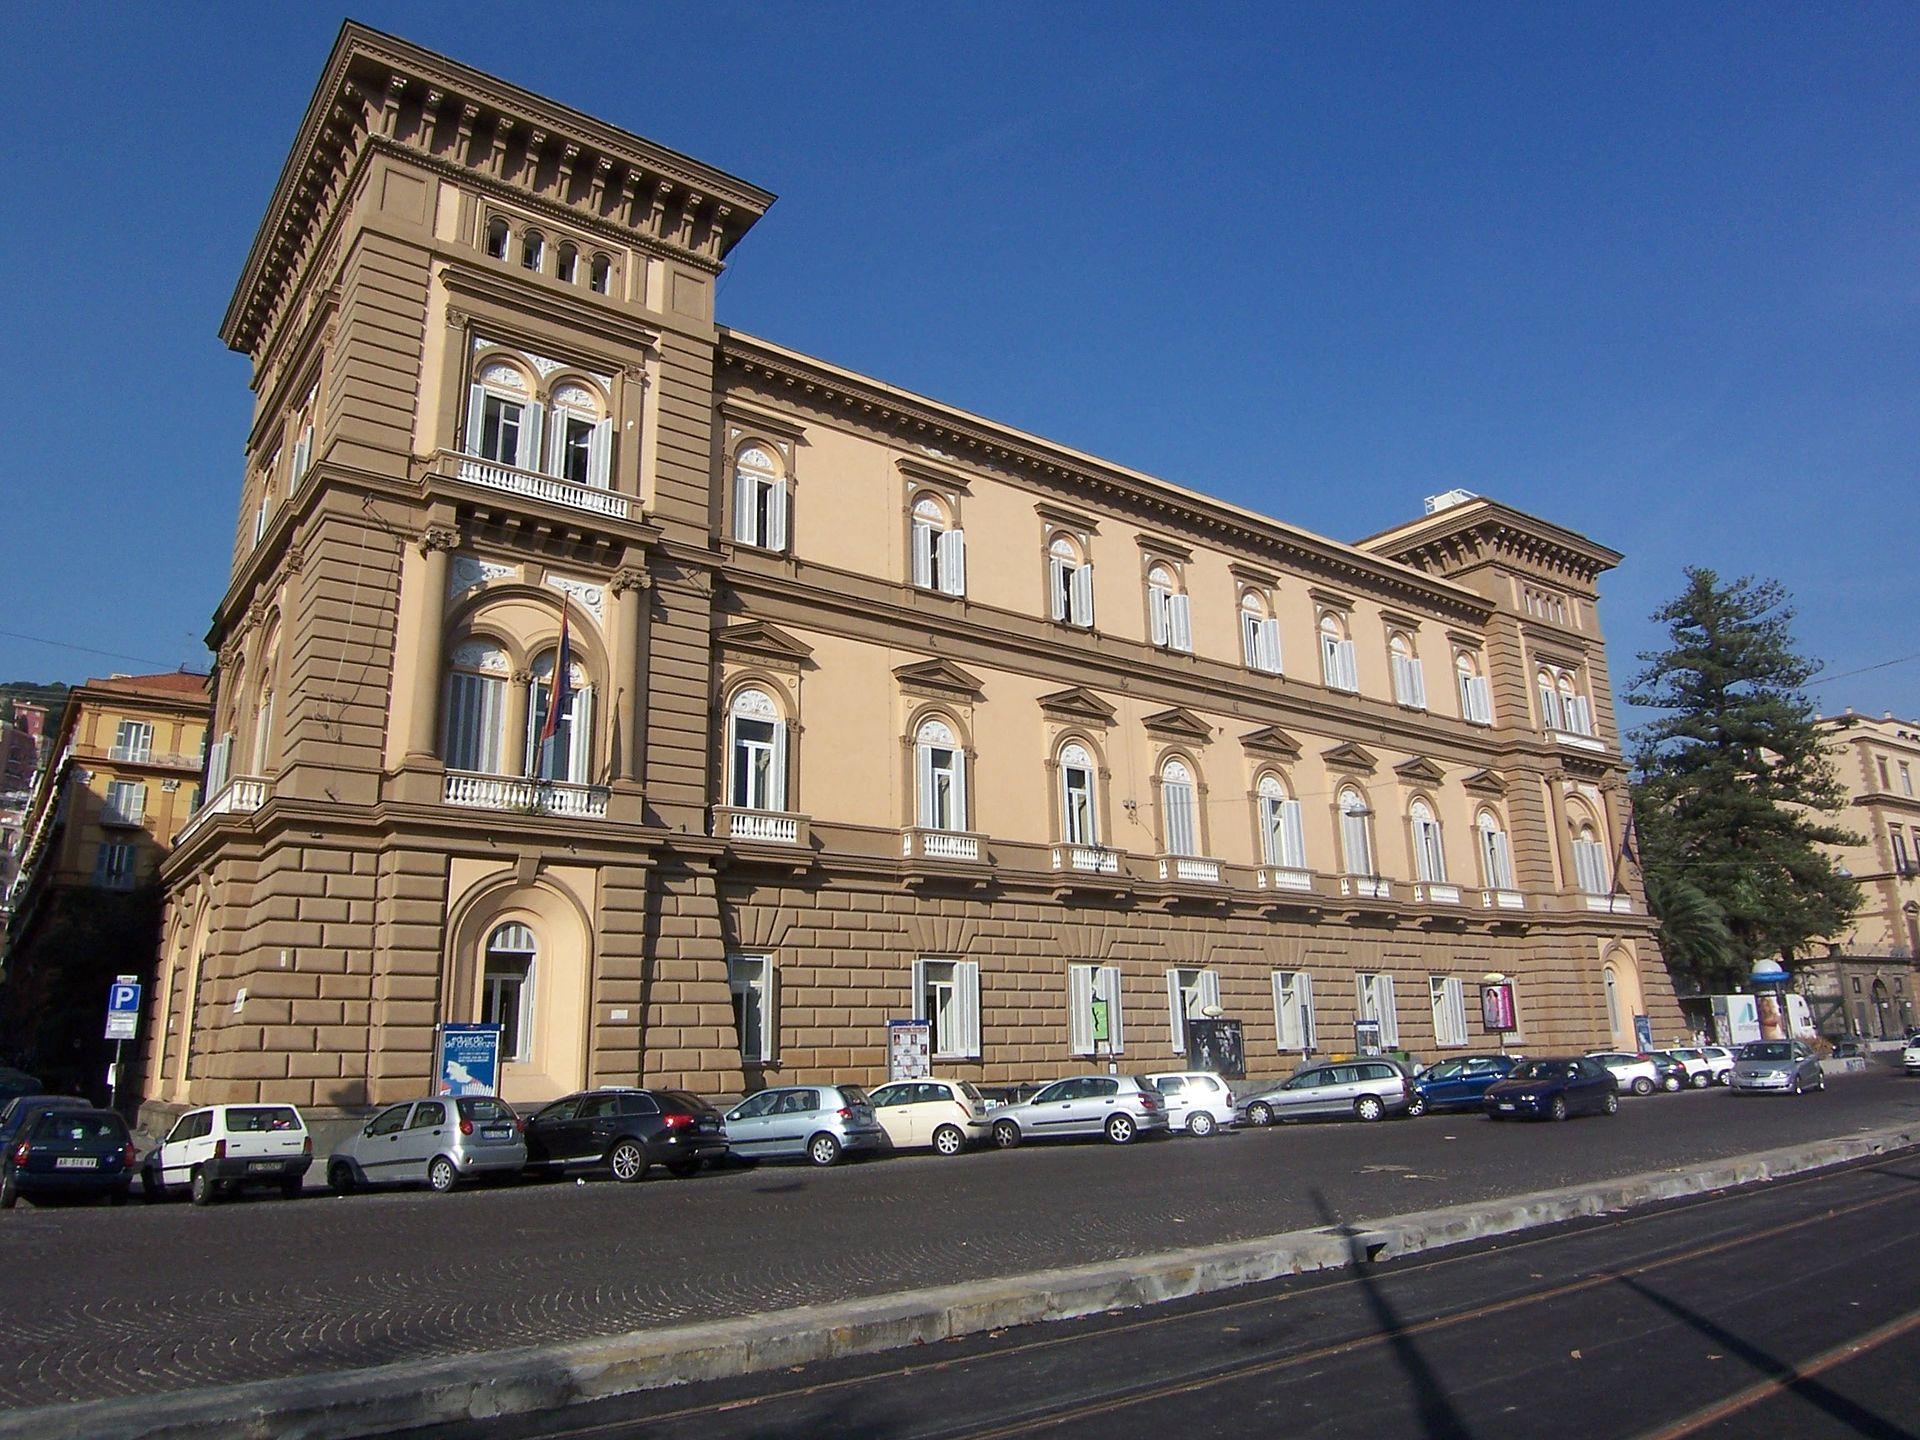 Tirrenia di navigazione wikipedia for Planimetrie del palazzo mediterraneo